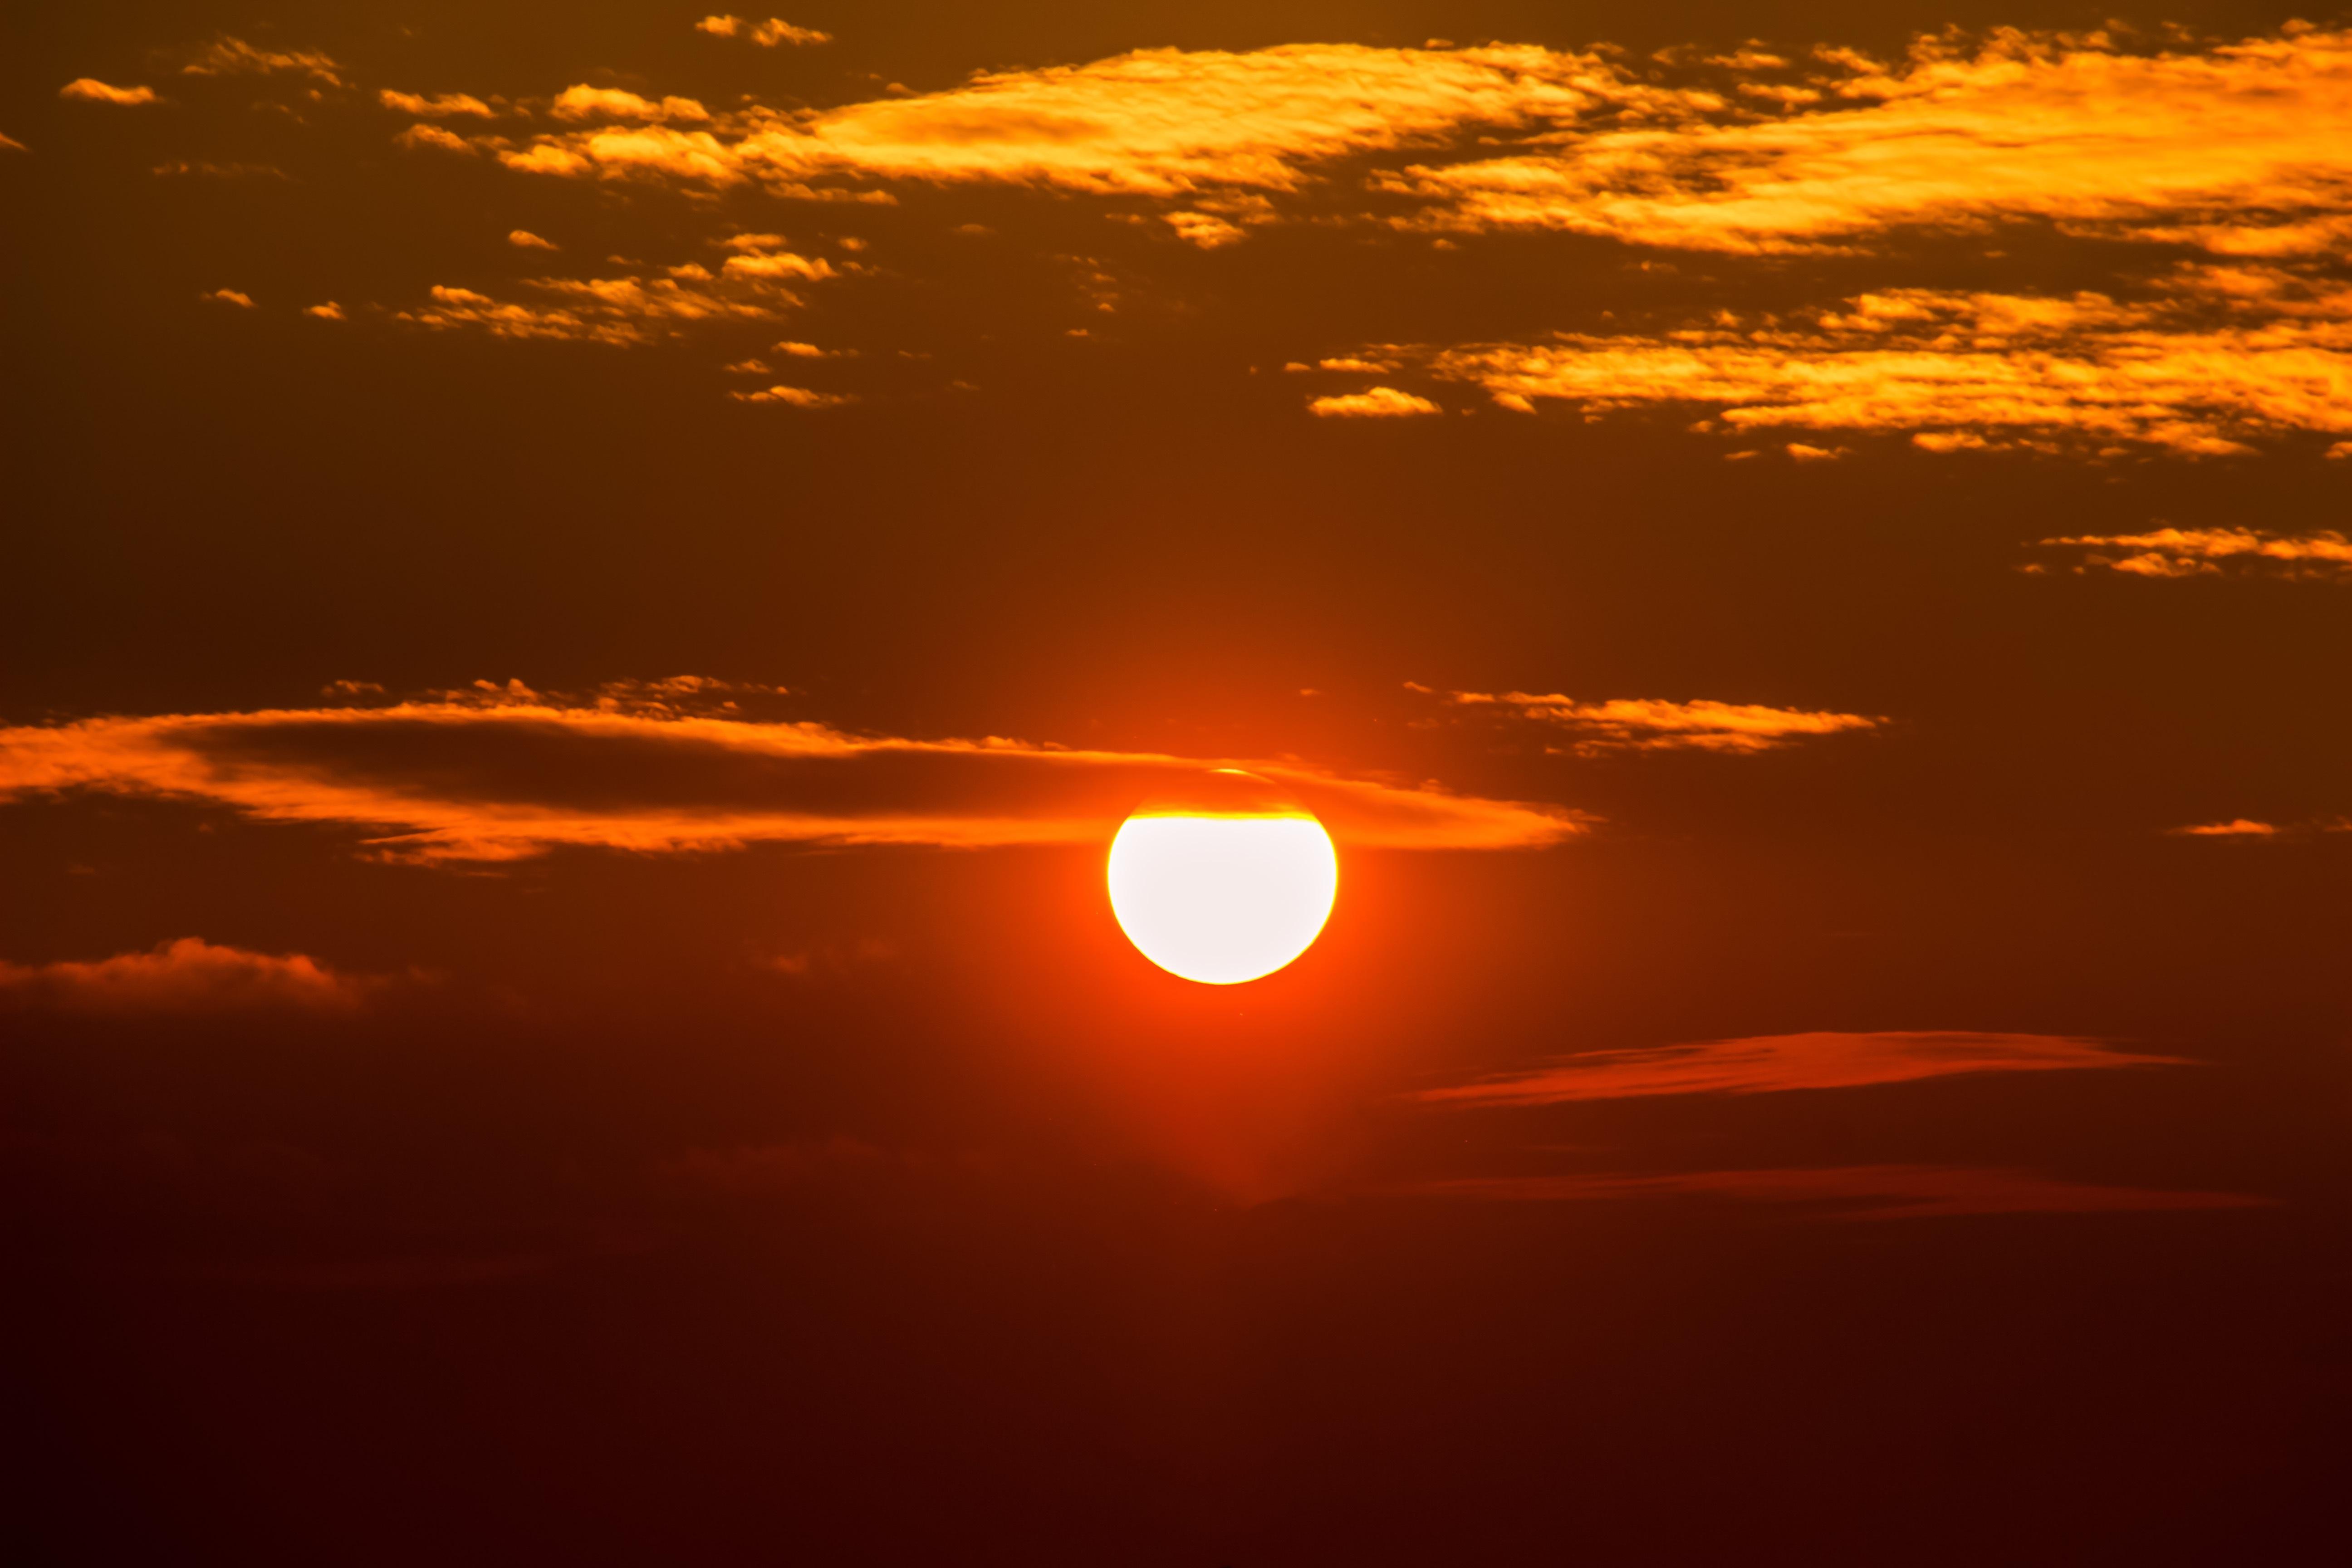 ангелов фото на заходящем солнце является одним самых